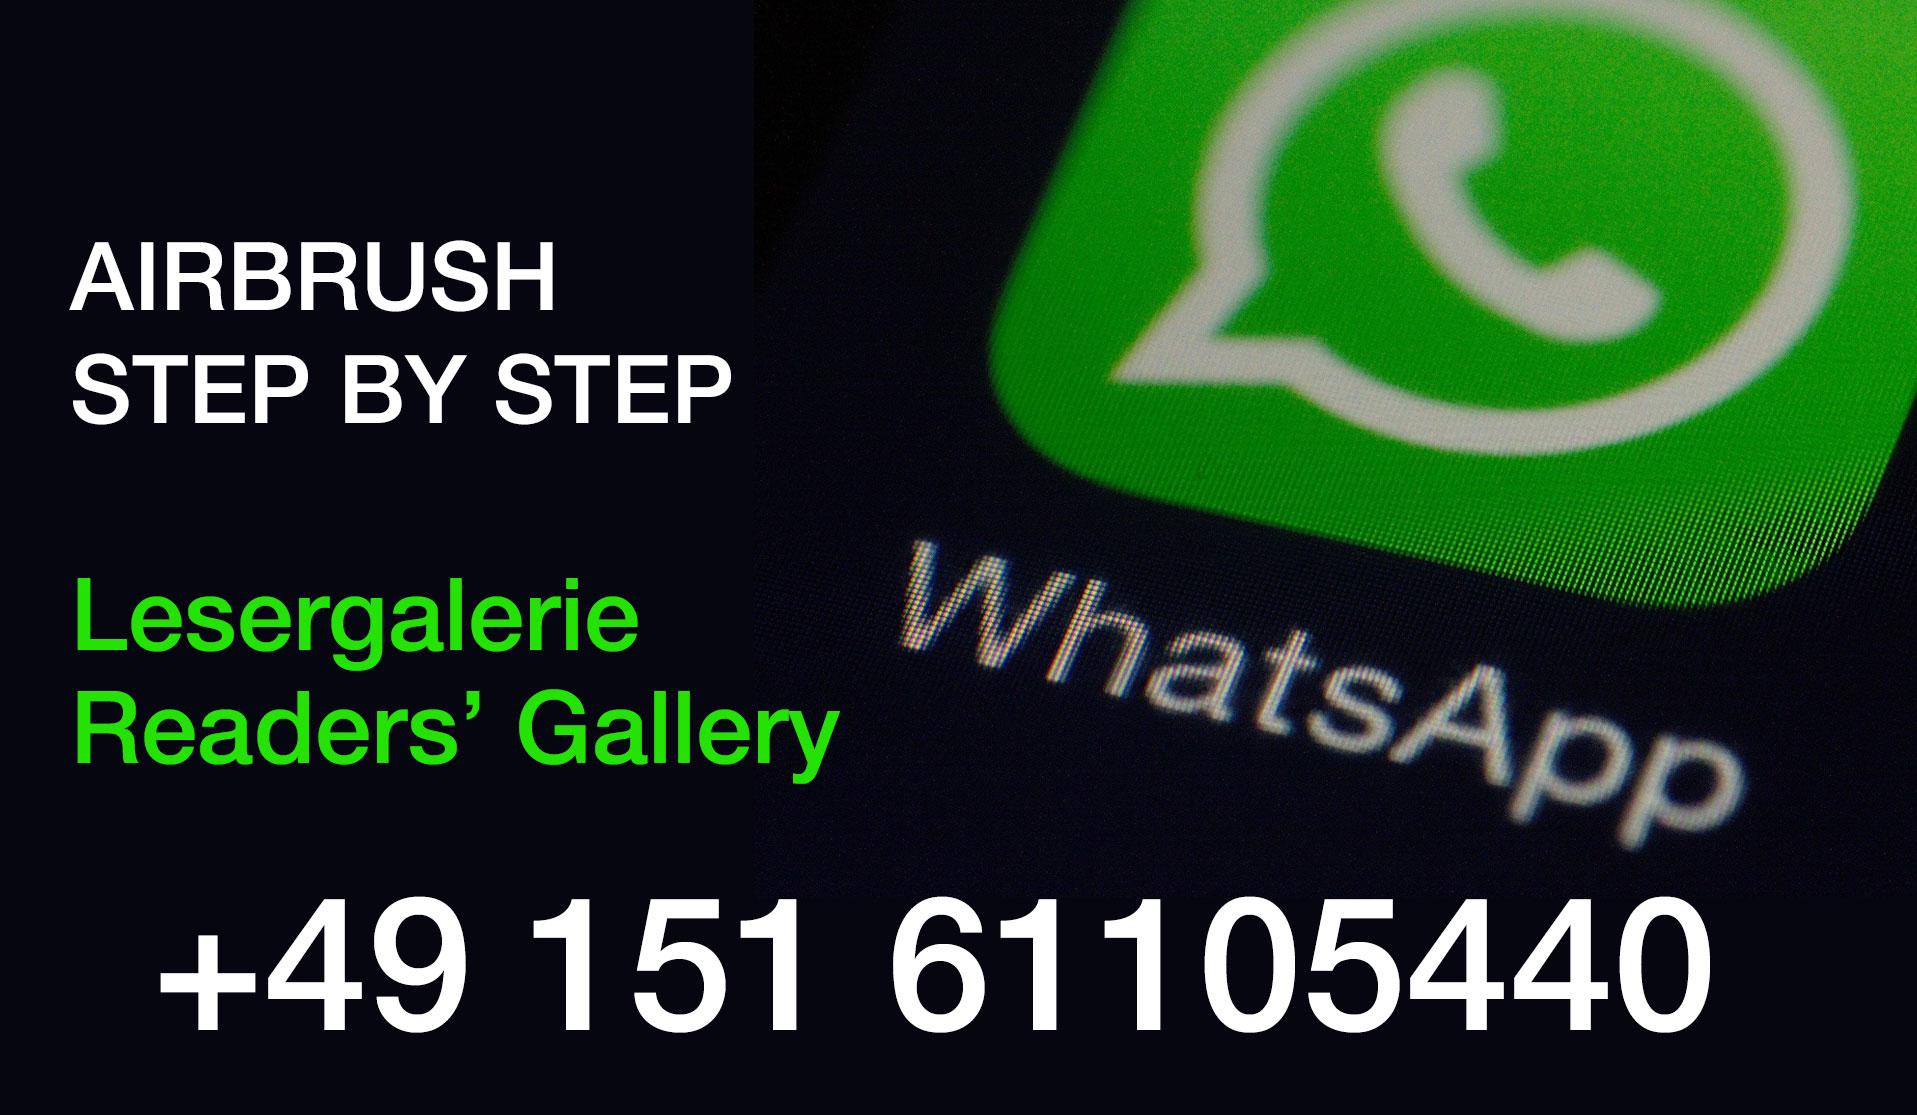 Neue WhatsApp-Nummer für Lesergalerie-Beiträge